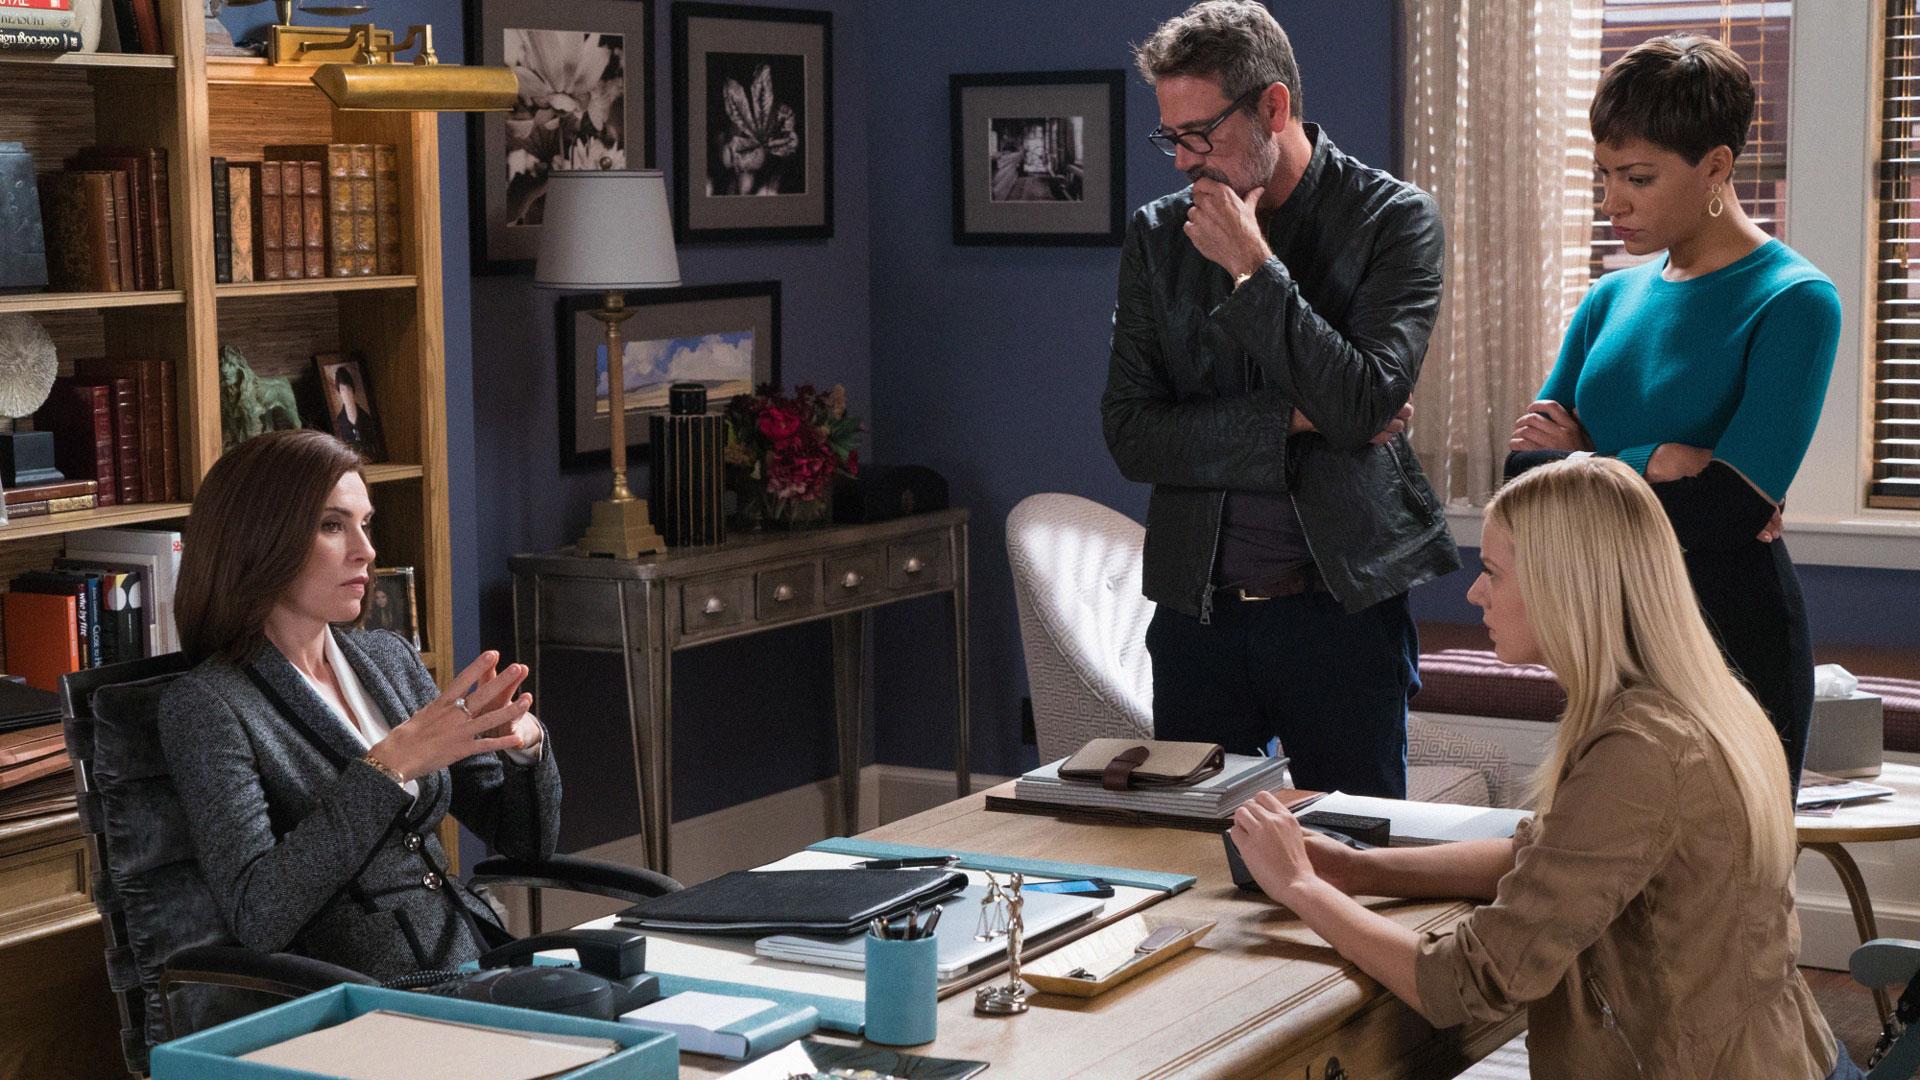 Julianna Margulies as Alicia Florrick, Jeffrey Dean Morgan as Jason Crouse, and Cush Jumbo as Lucca Quinn